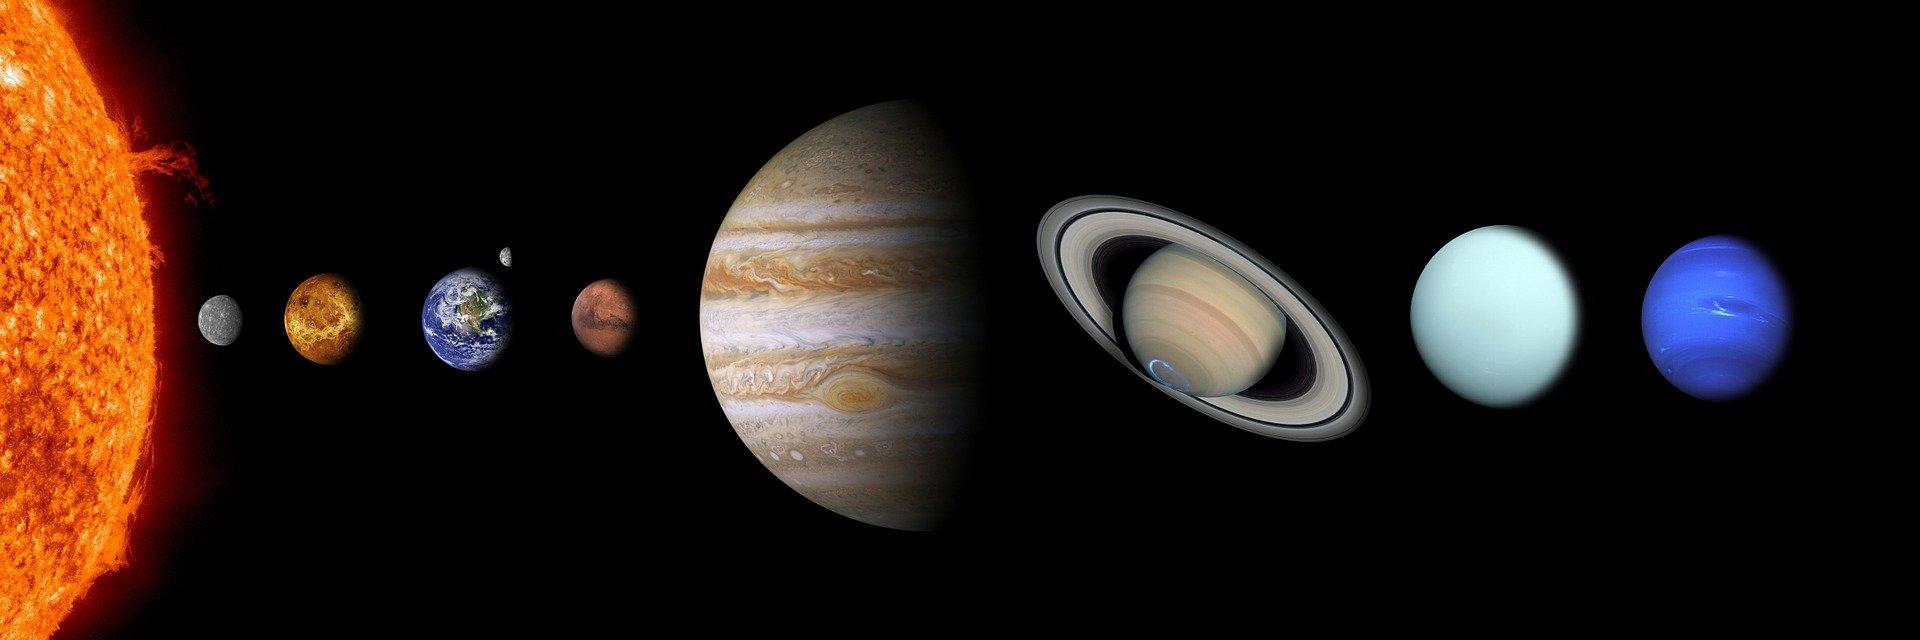 რატომ აქვს მზის სისტემის პლანეტებს ერთმანეთისგან განსხვავებული შემადგენლობა - ახალი თეორია